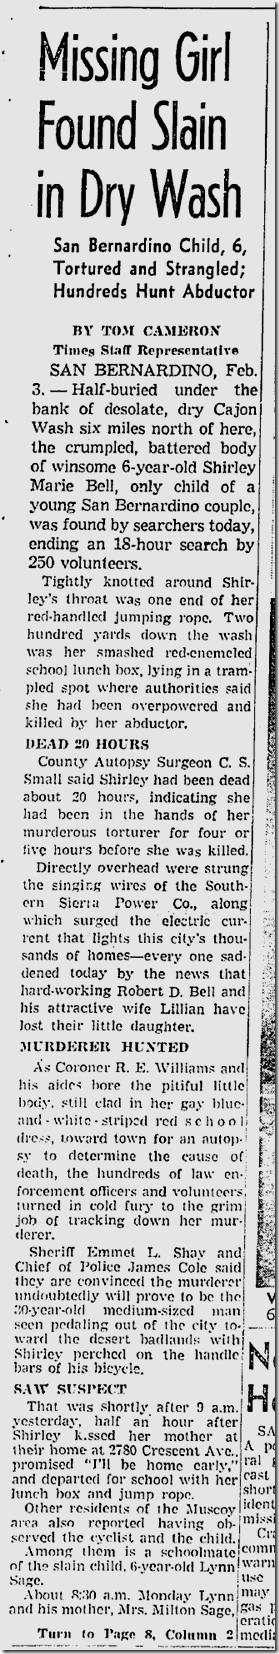 Feb. 4, 1942, Girl Strangled